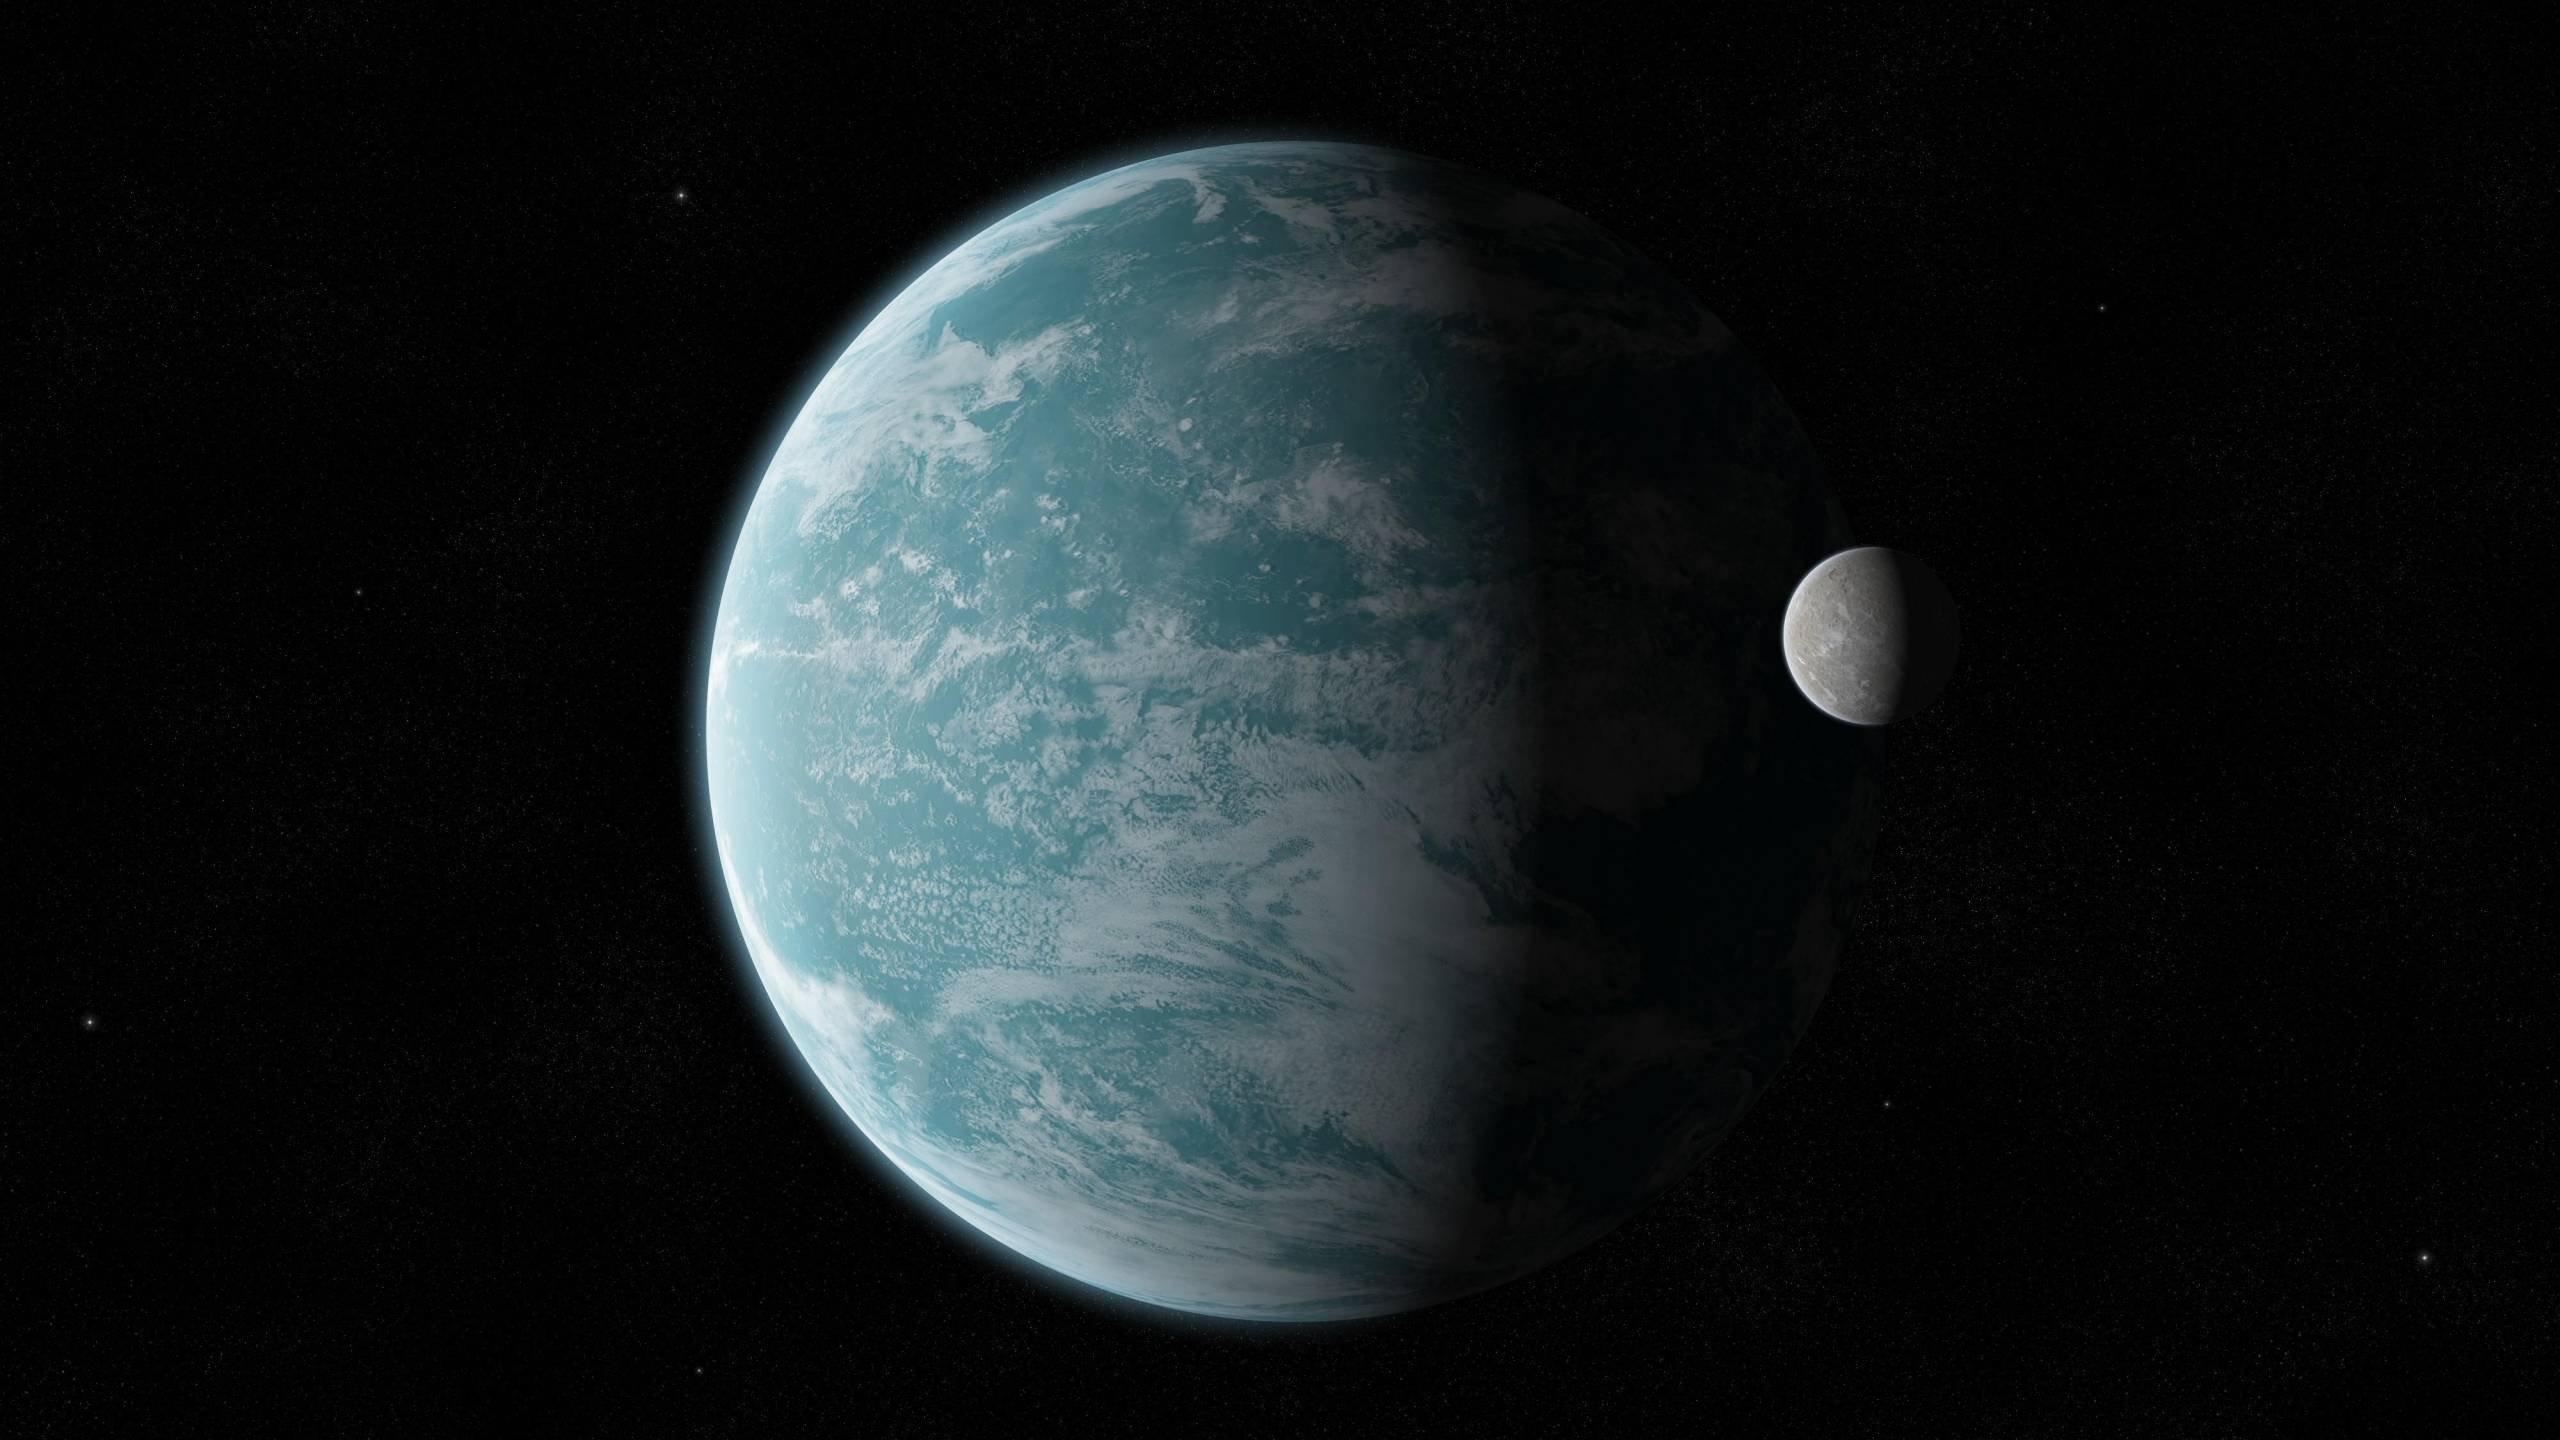 фото экзопланеты с кеплера поверхность